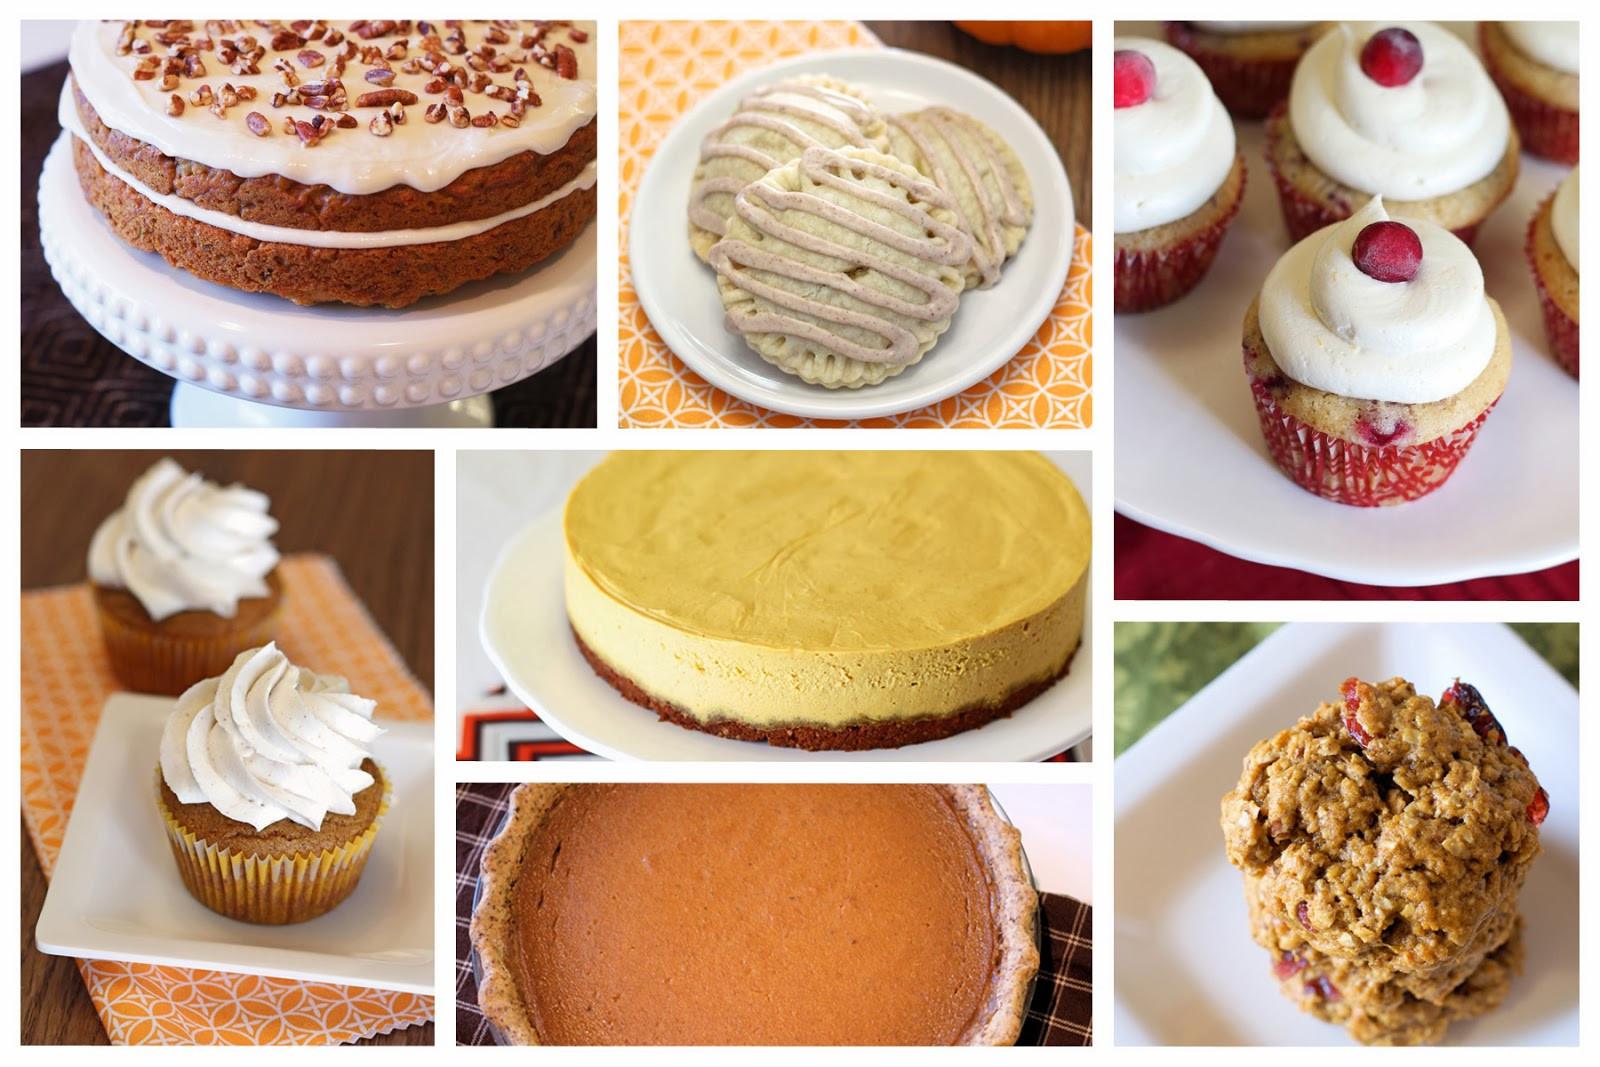 Gluten Free Desserts For Thanksgiving  gluten free vegan thanksgiving desserts Sarah Bakes